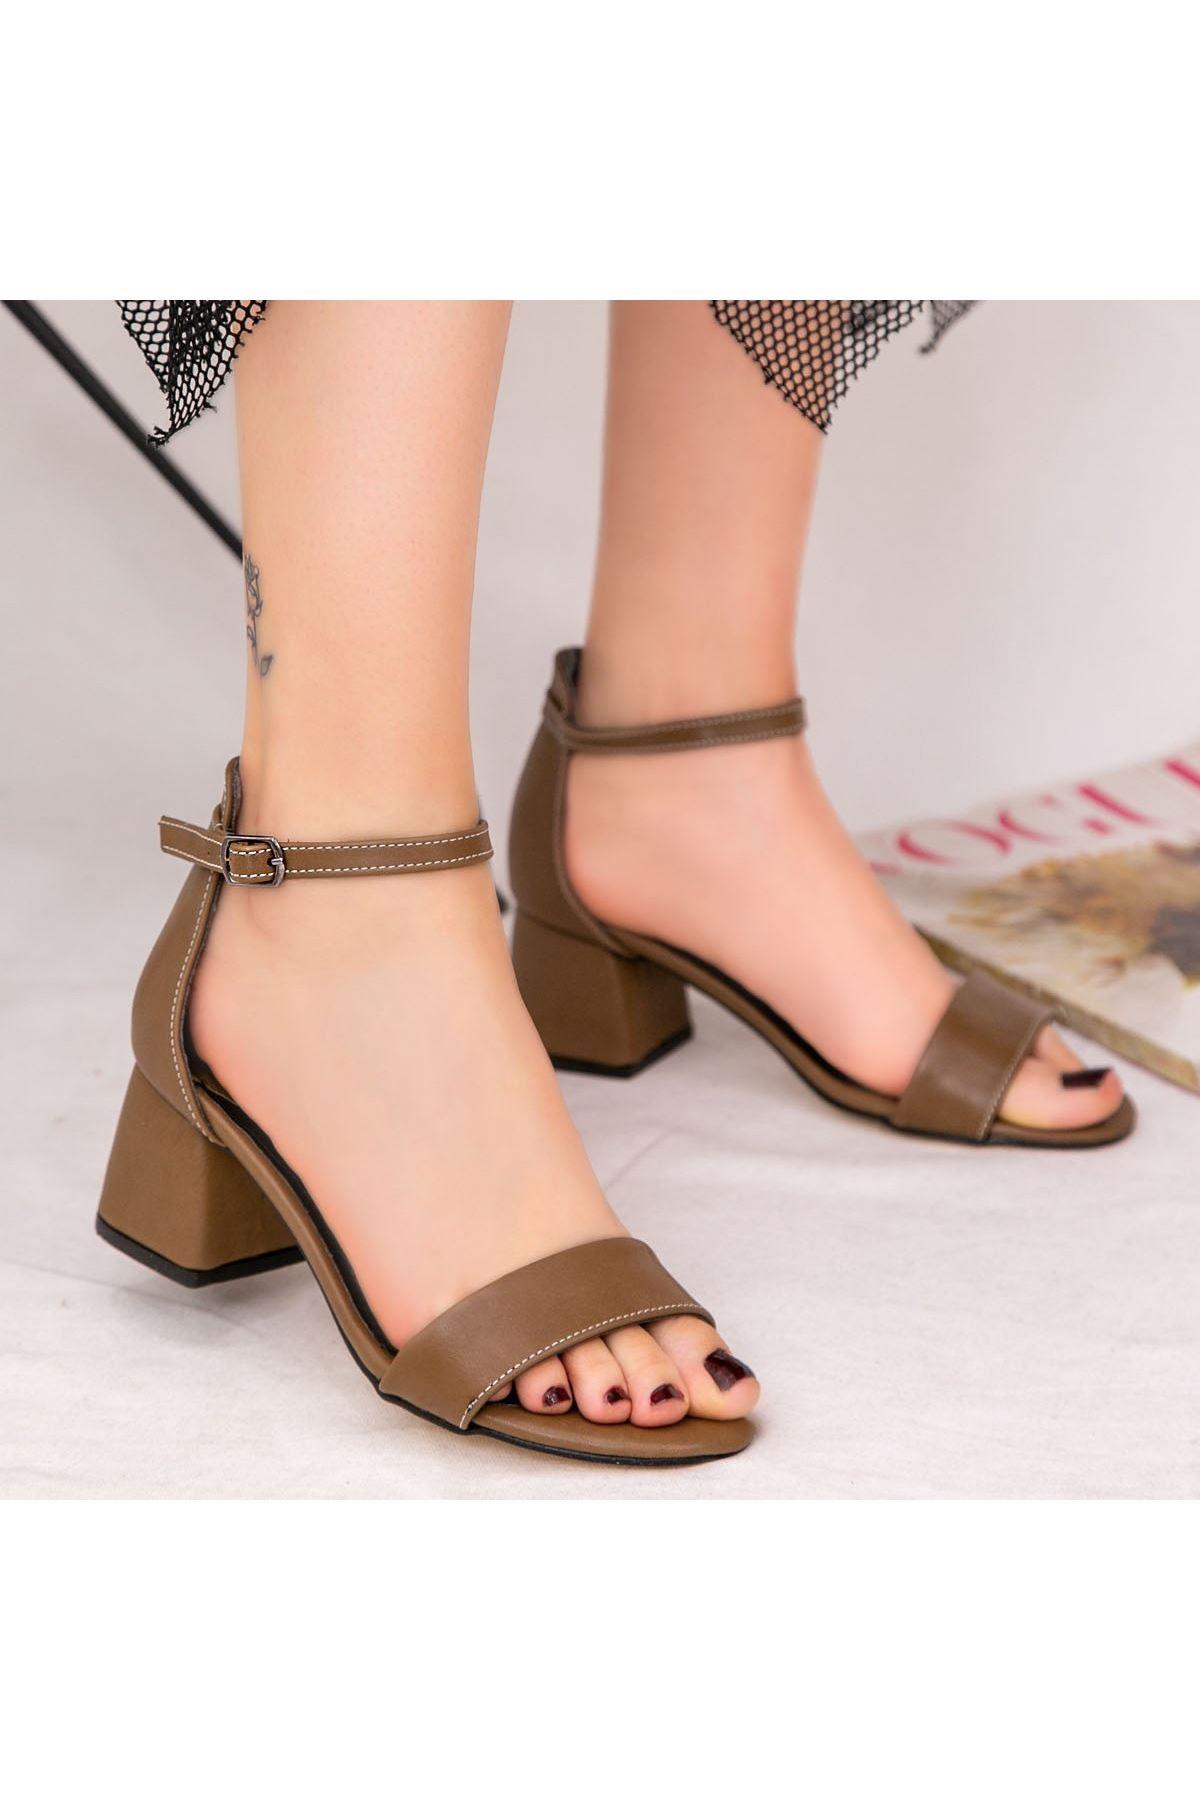 Epon Koyu Vizon Cilt Tek Bant Topuklu Ayakkabı